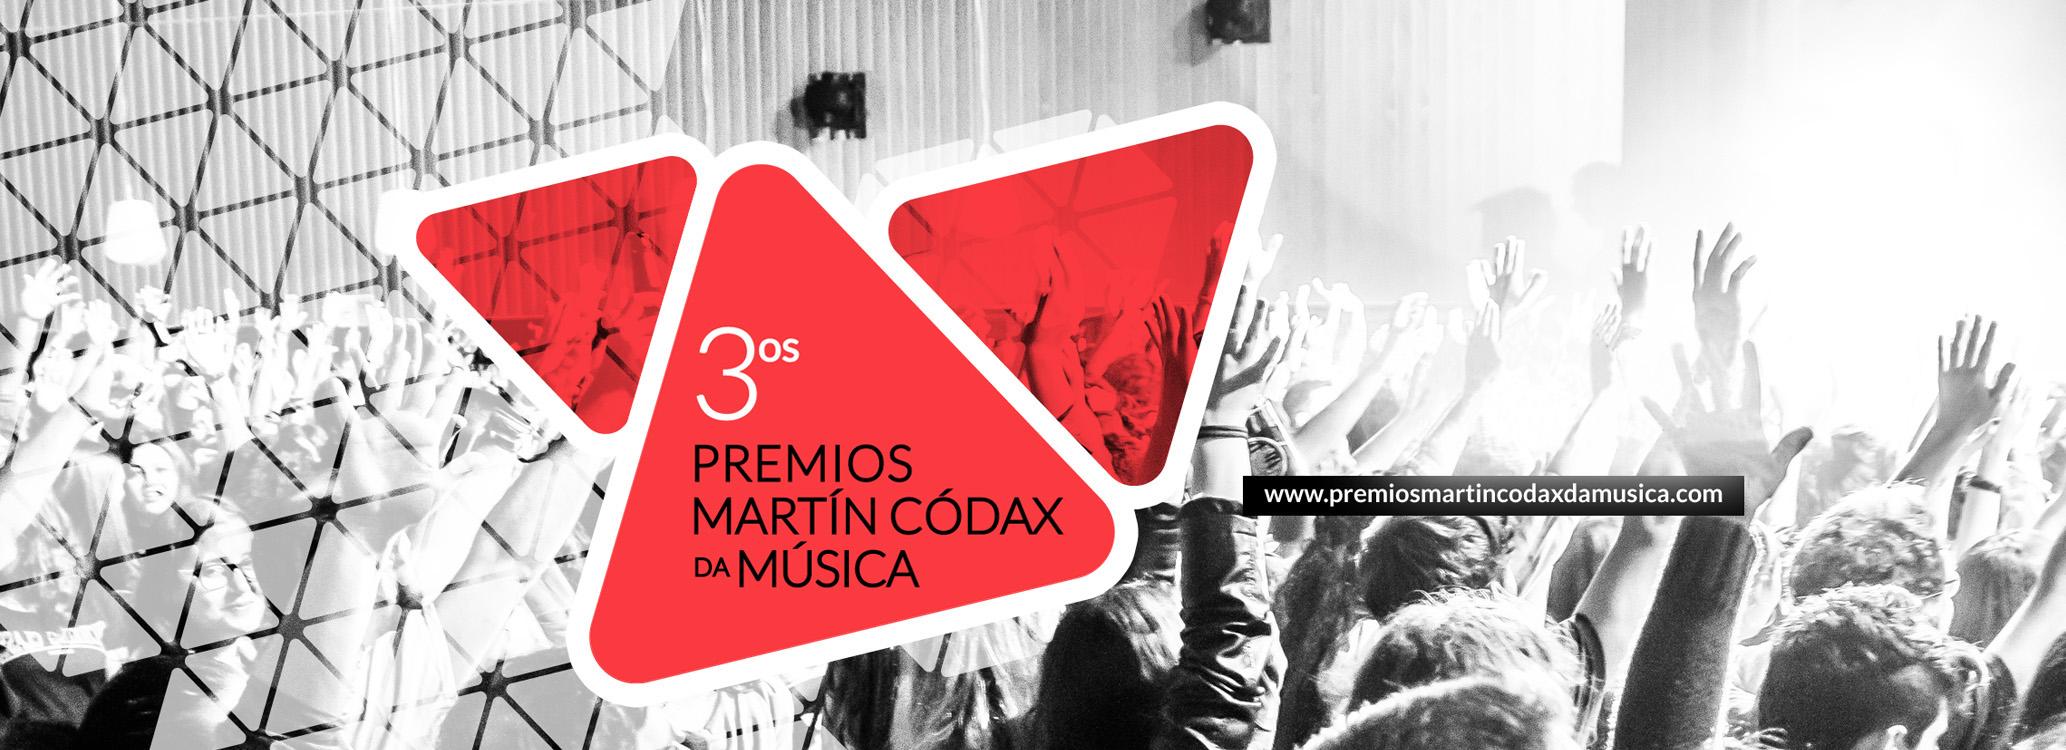 III Edition Martín Códax Music Awards